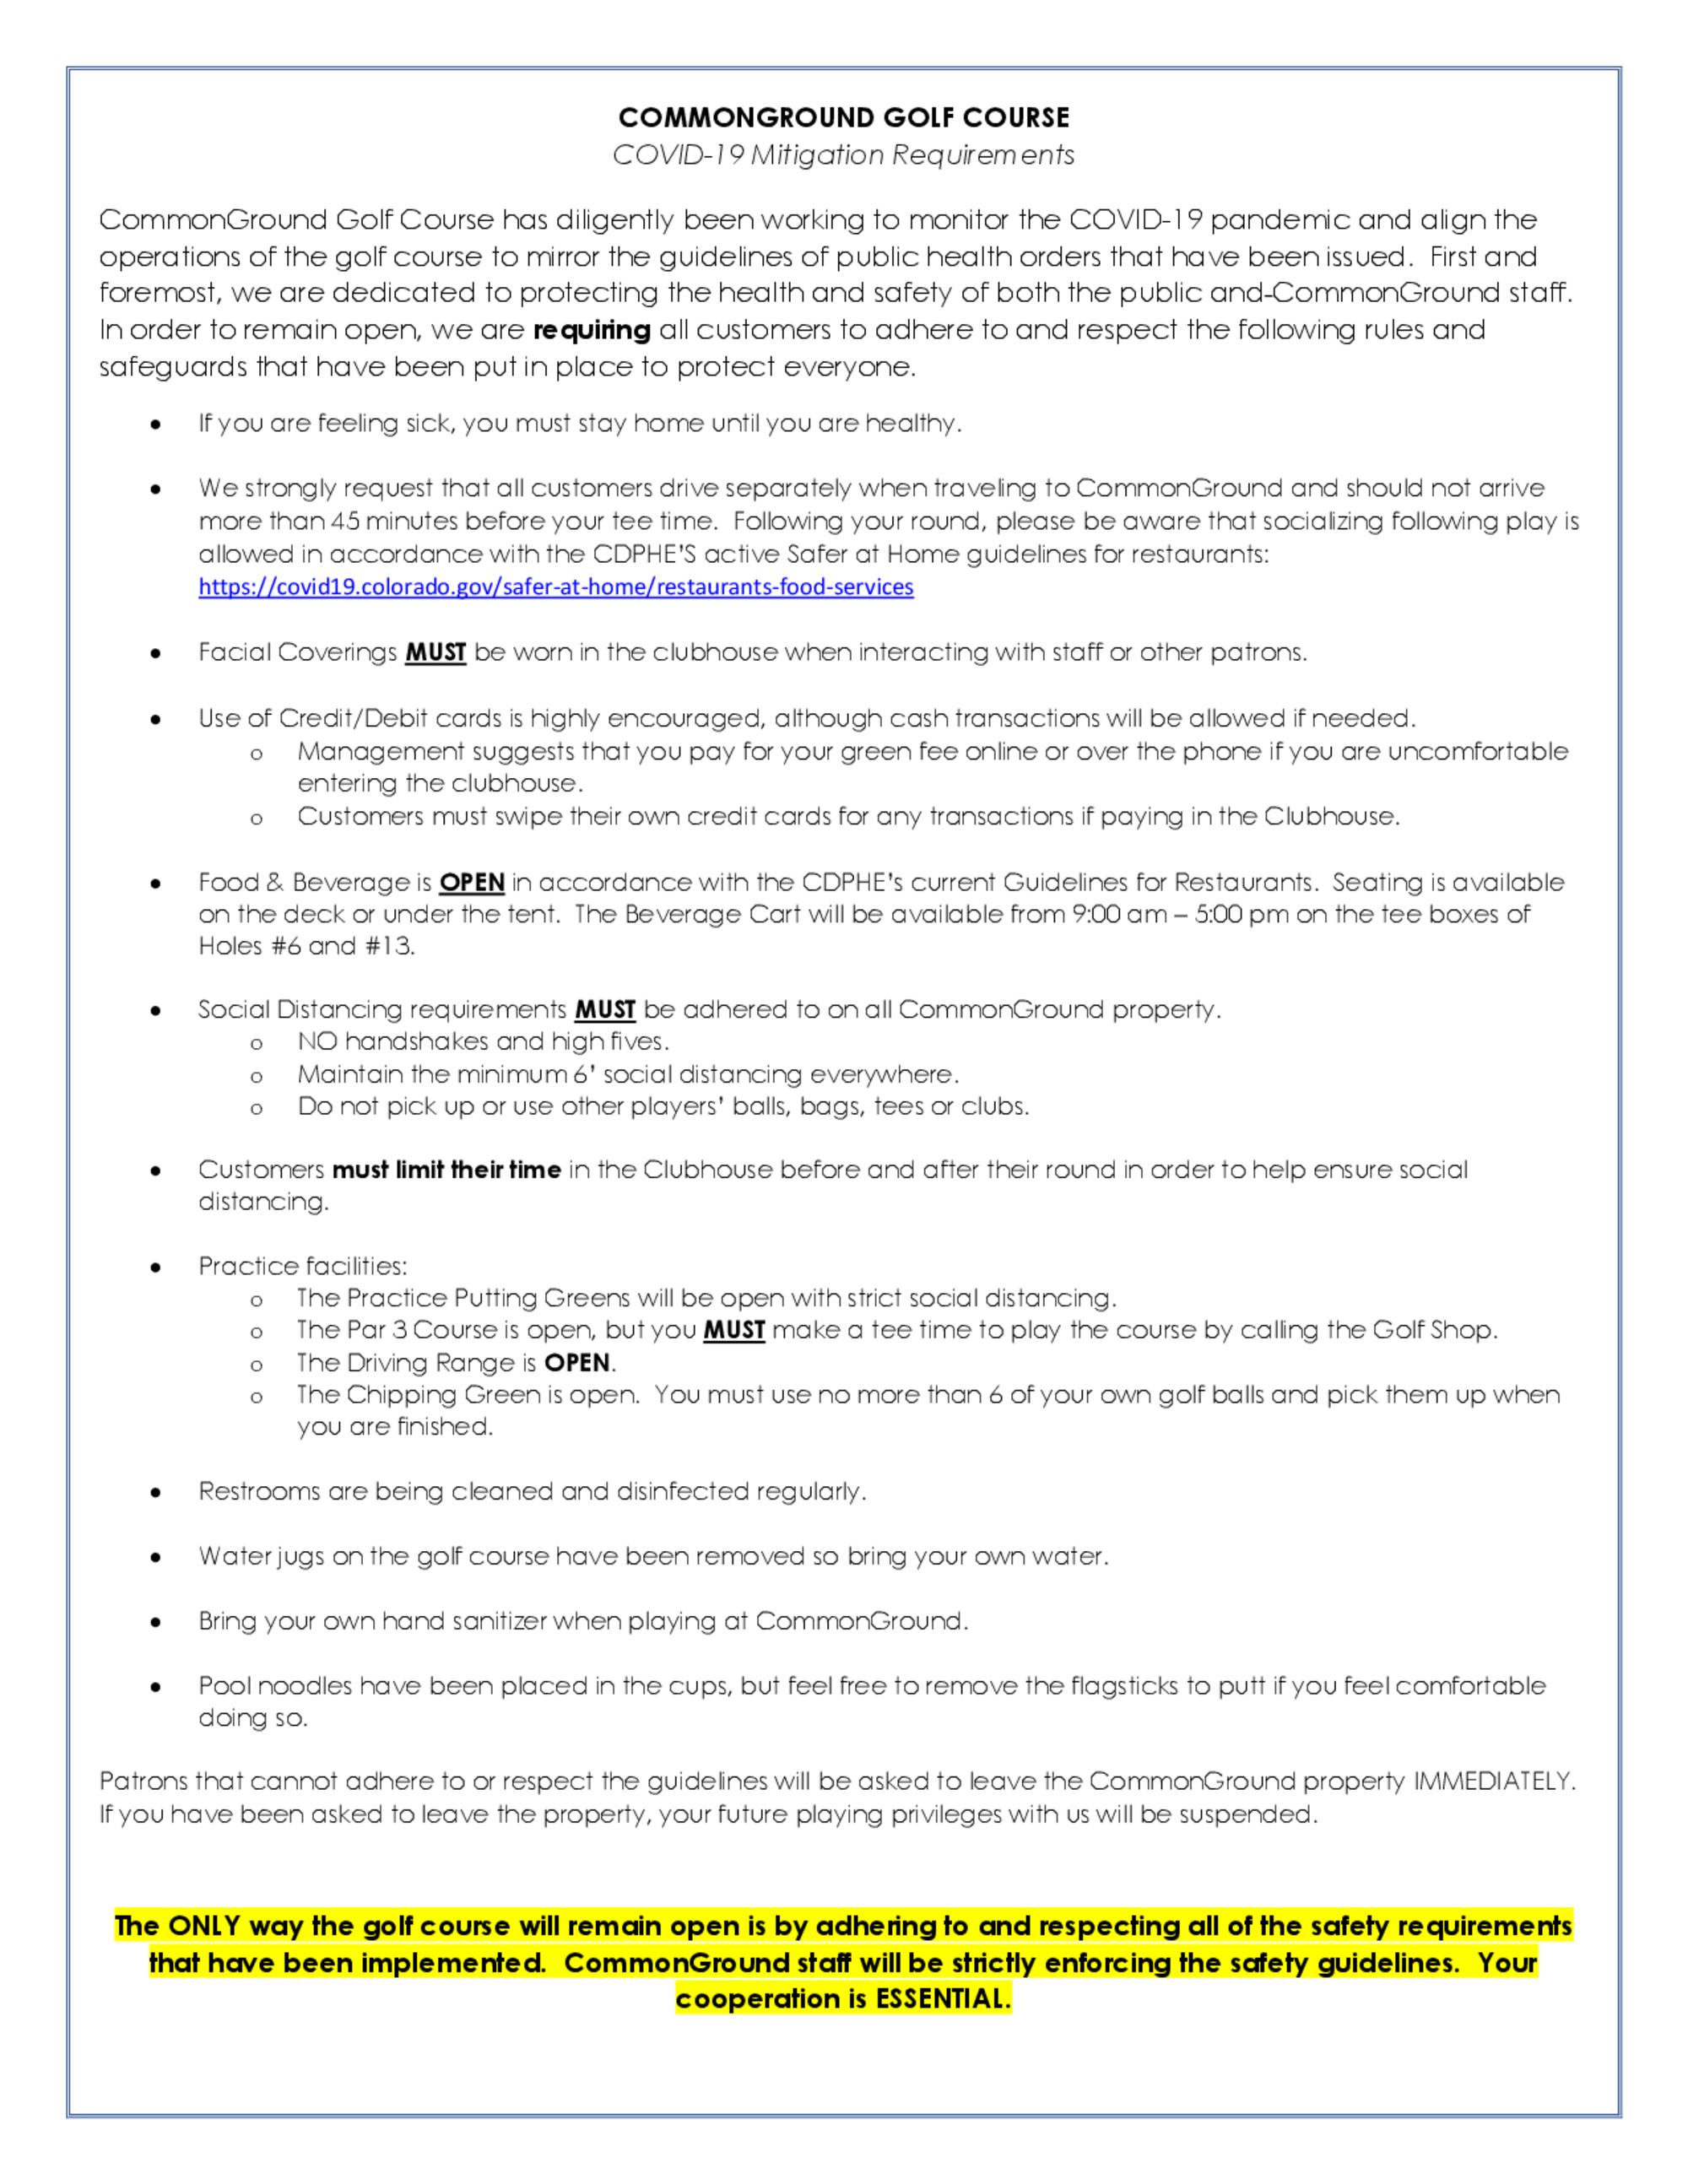 Commonground coronavirus mitigation requirements   august 11th  2020 1